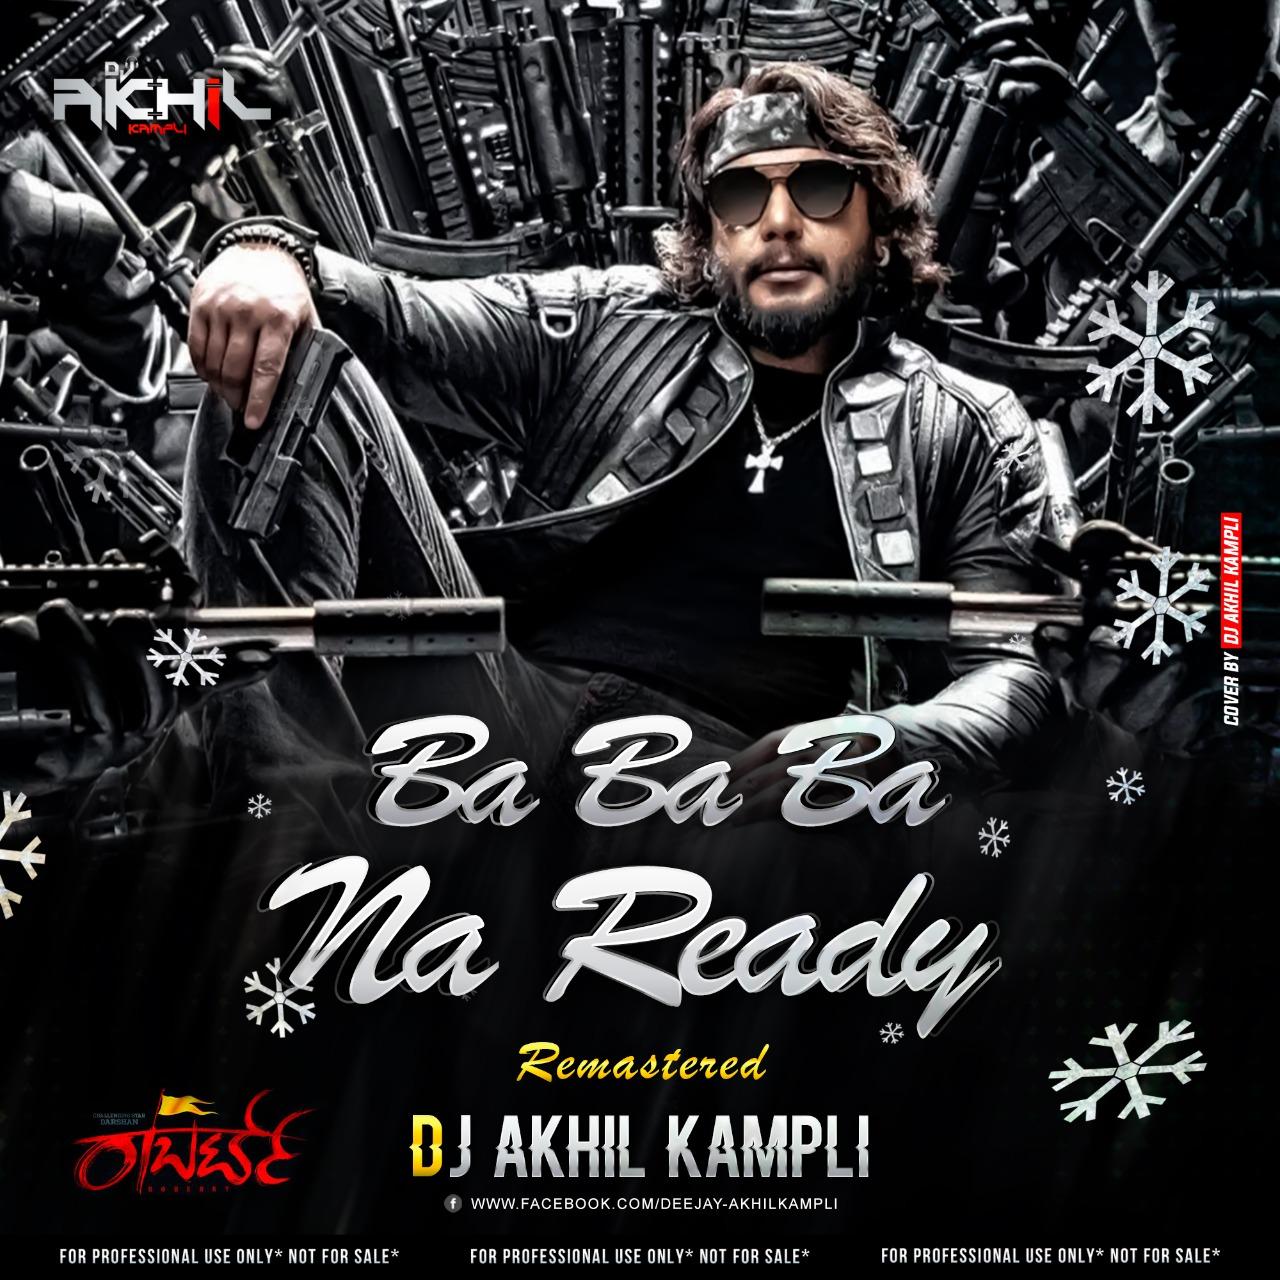 Ba Ba Ba Na Ready Remasterd Dj Akhil Kampli